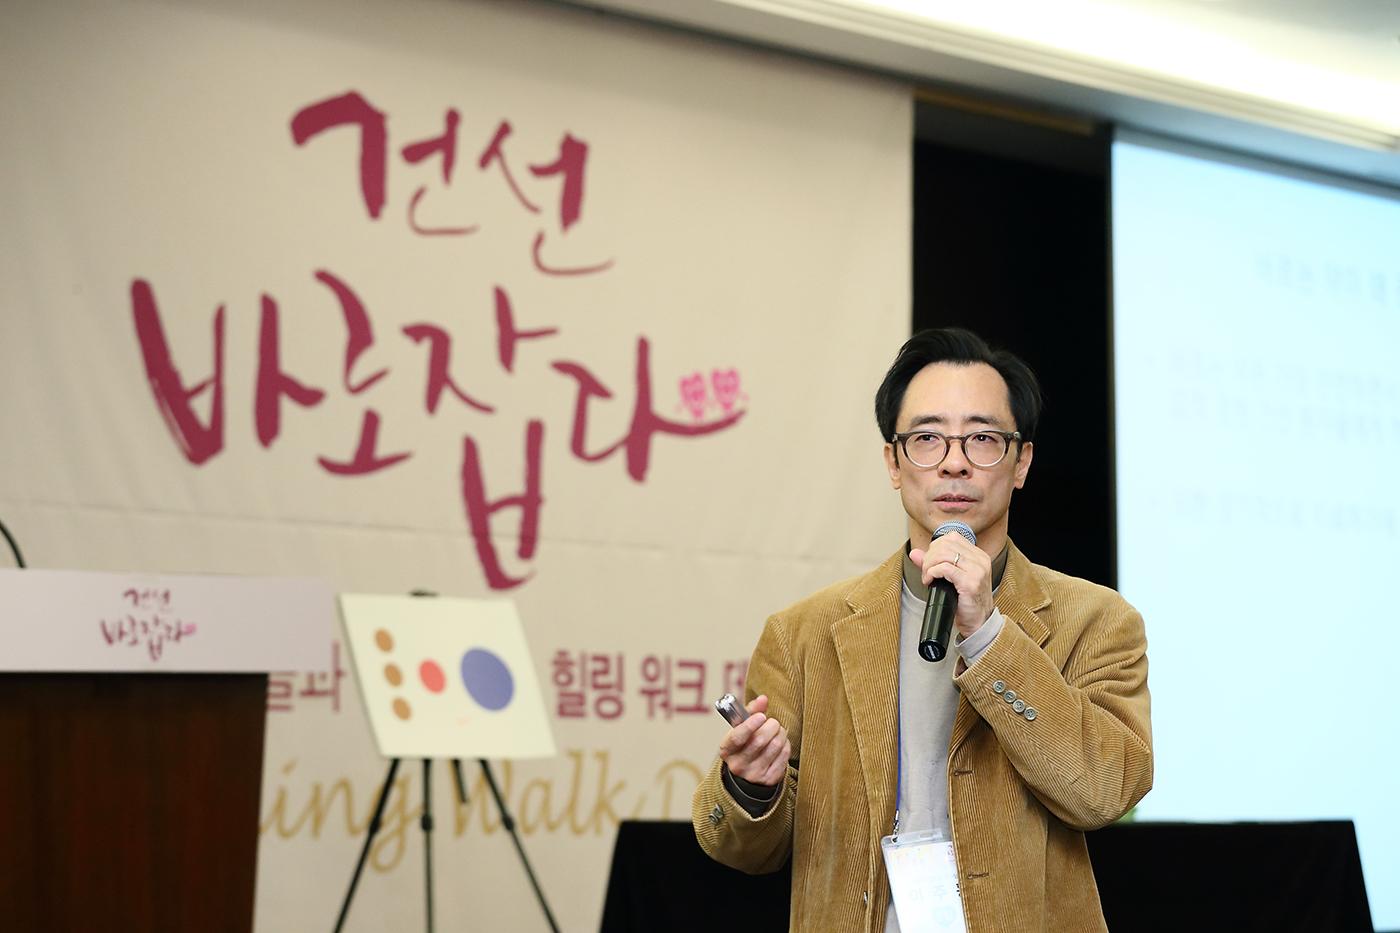 이주흥 교수님 국소도포제 강의.JPG